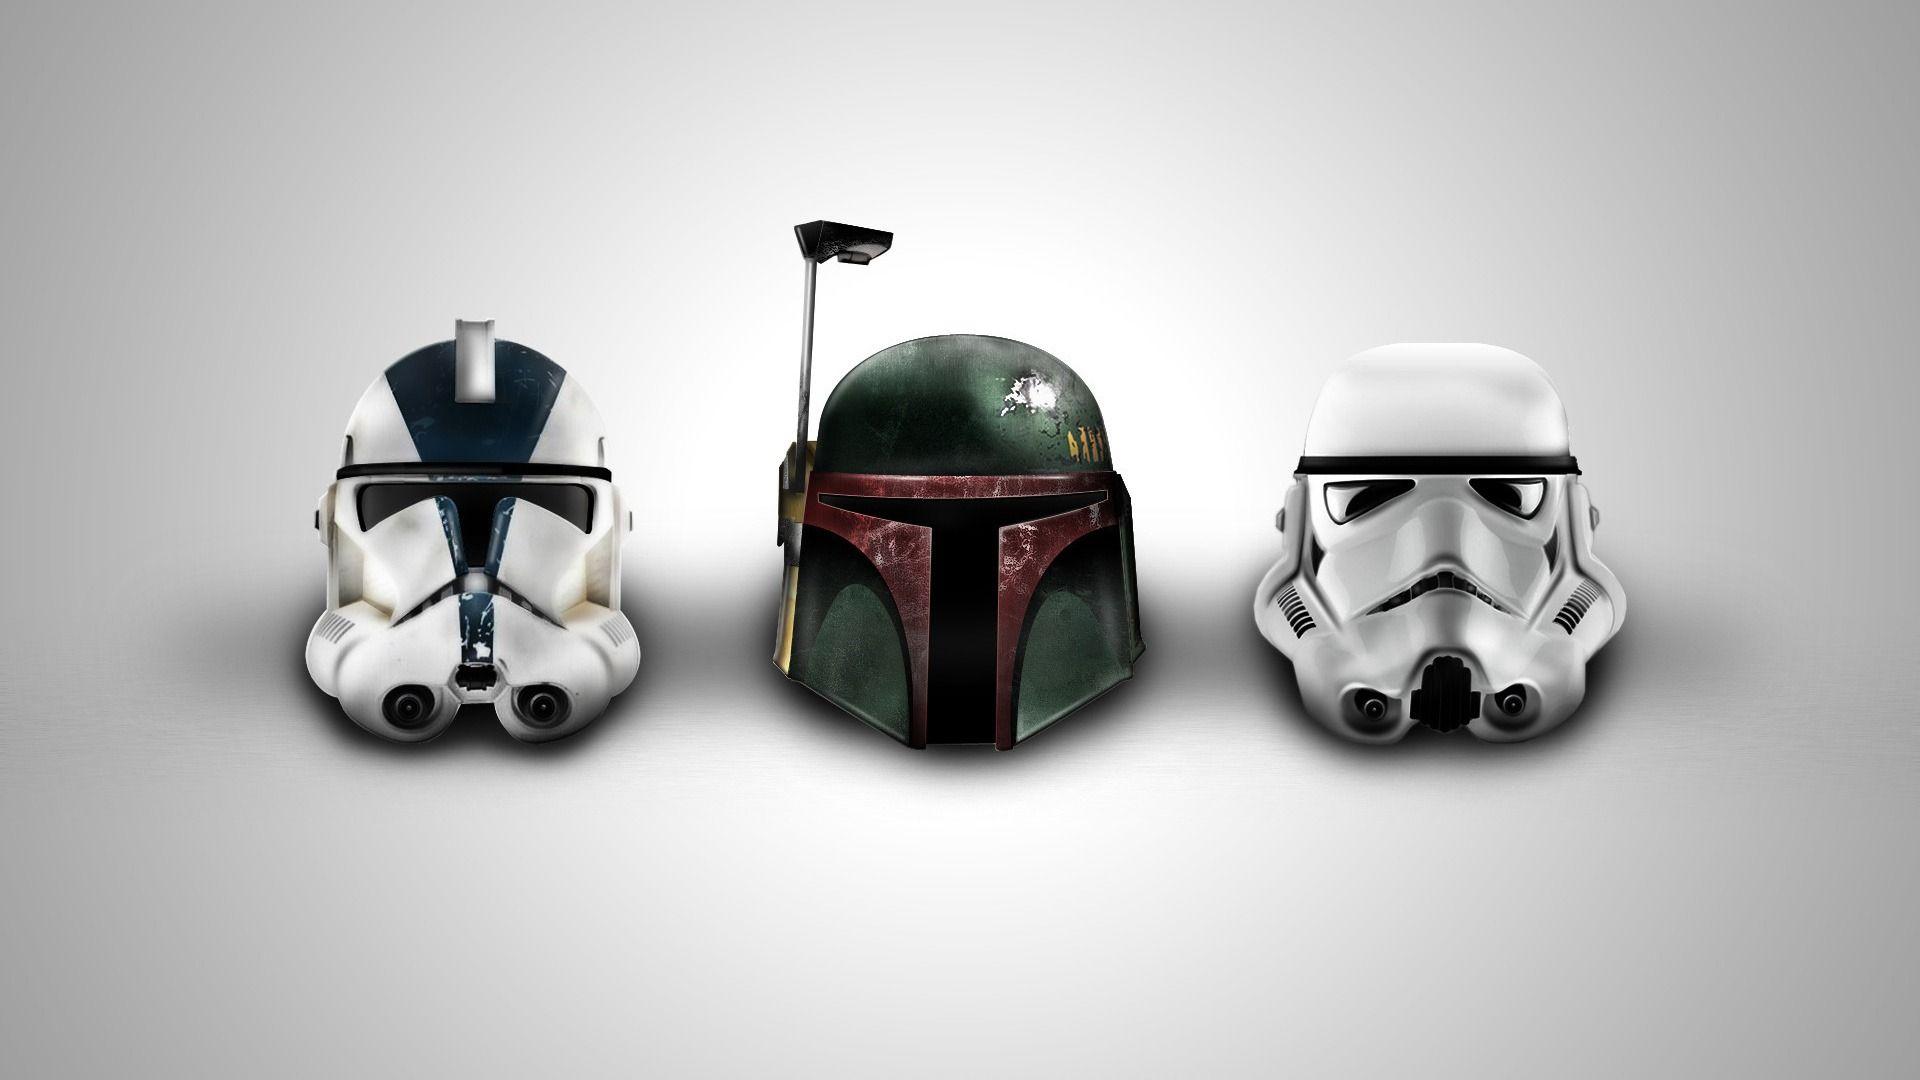 Resultado-de-imagem-para-stormtrooper-1920x1080-wallpaper-wpc9008869